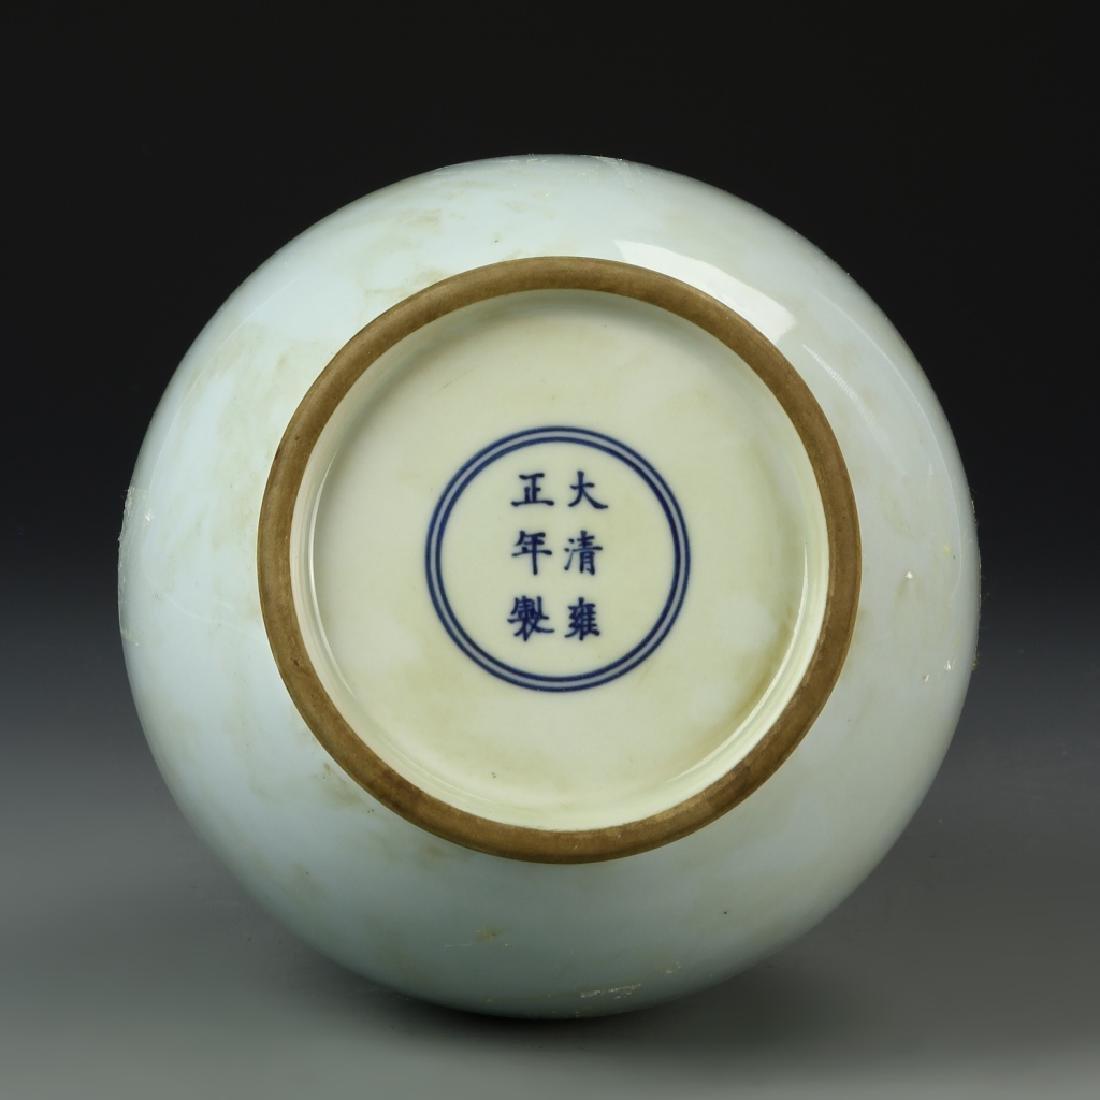 Chinese Celadon Glazed Yuhuchunping Vase - 5